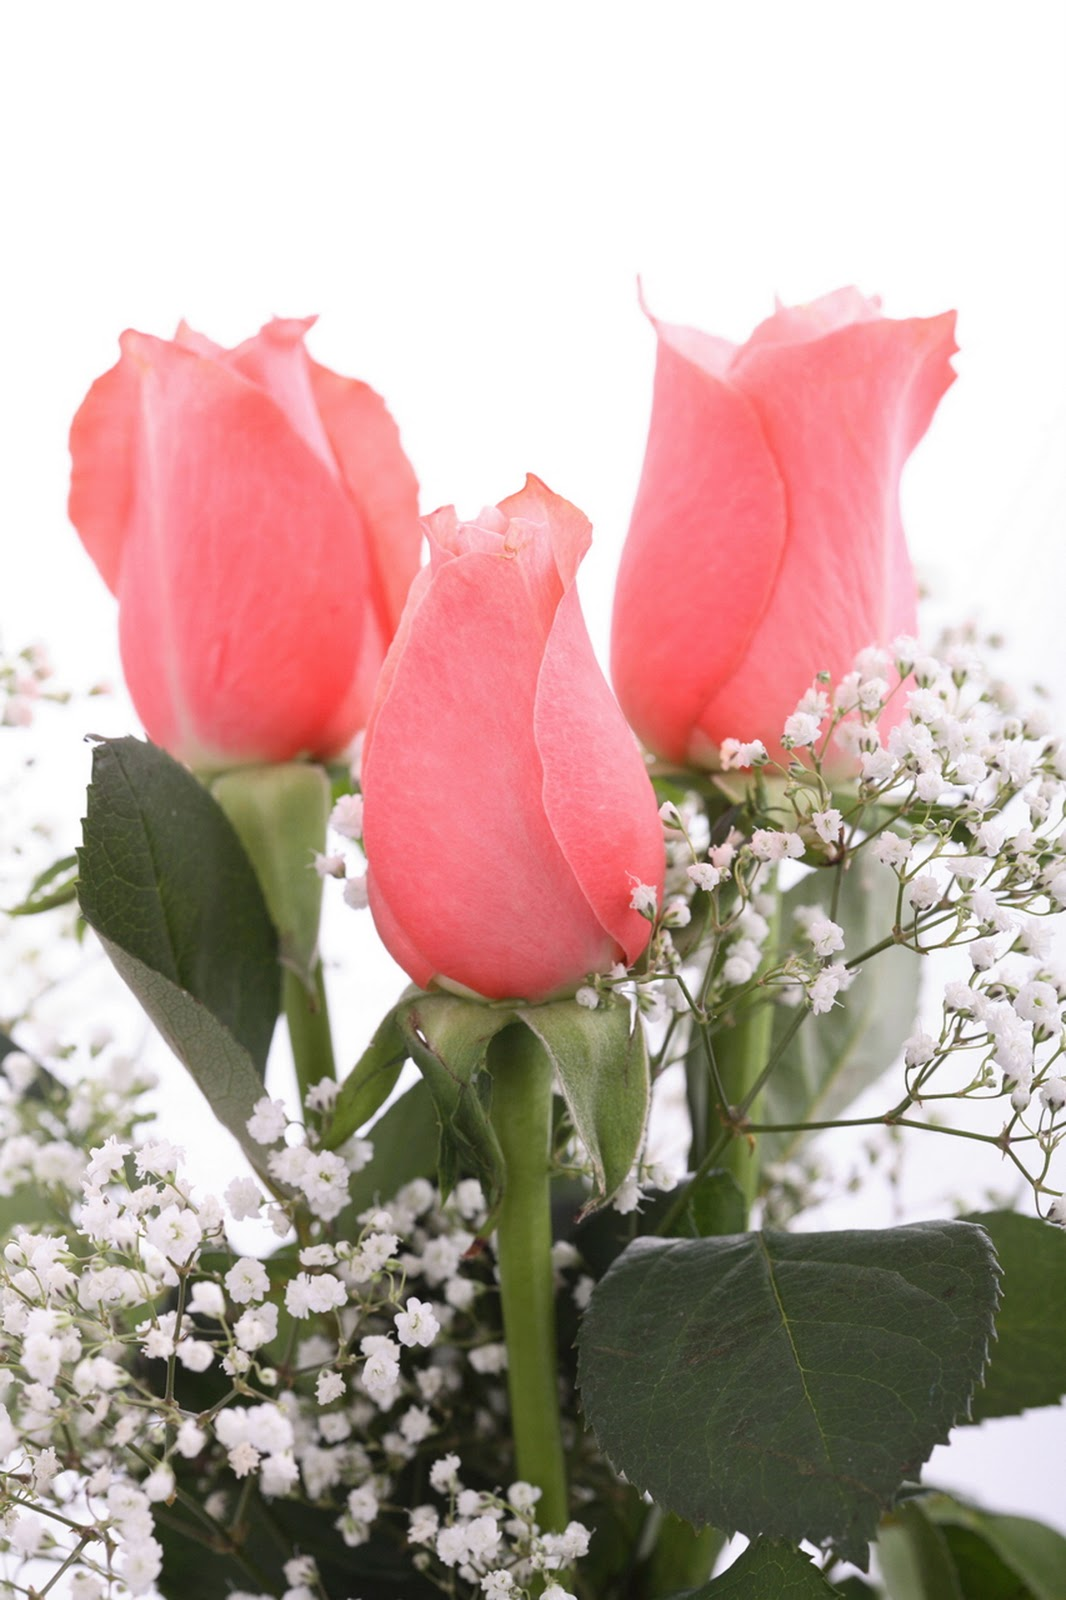 Gambar Bunga Mawar Yang Cantik Cantik Planet Wallpapers